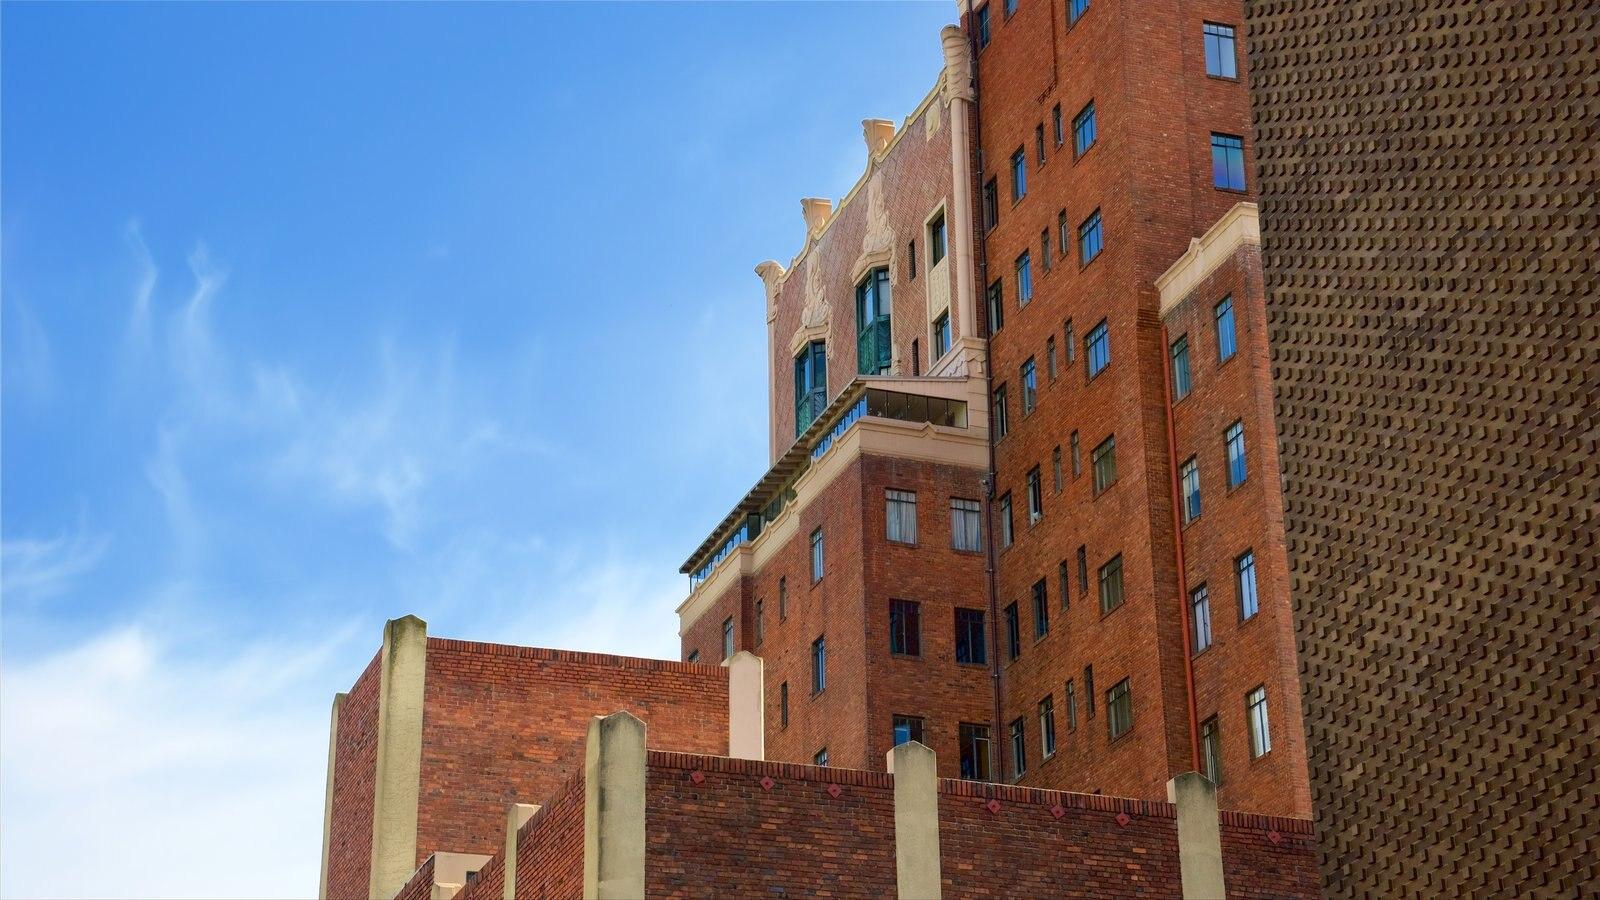 Oakland mostrando arquitetura moderna